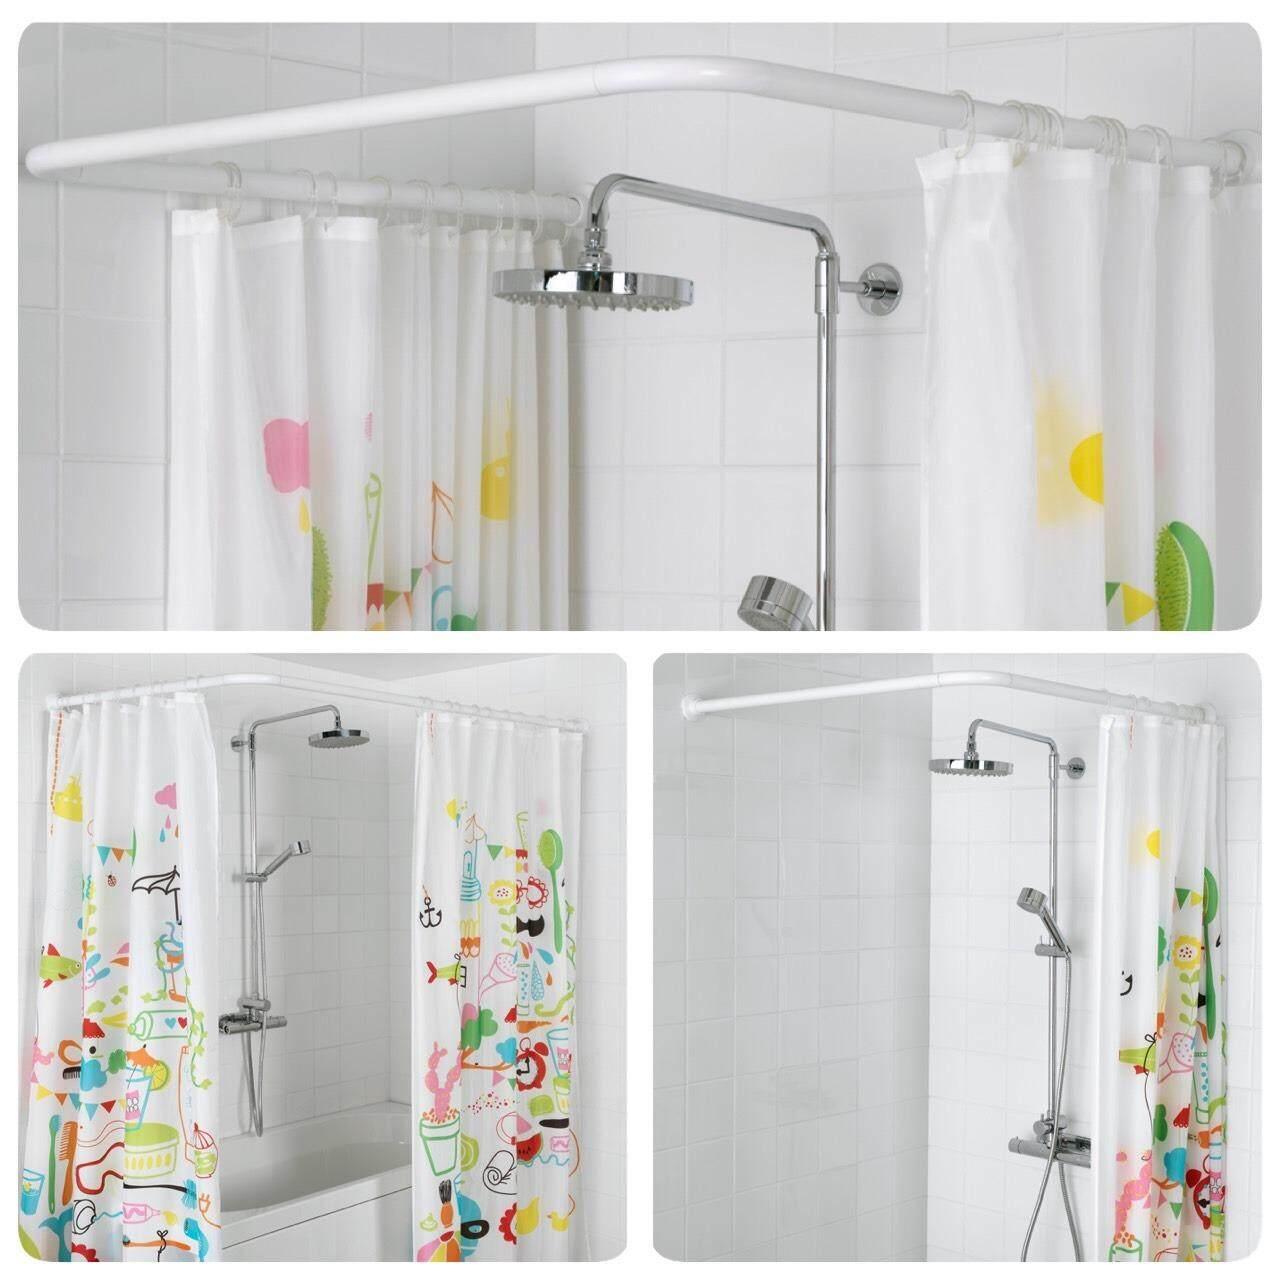 ราวม่านห้องน้ำ ปรับมุมได้ถึง 3แบบ ไม่ต้องเจาะ อลูมิเนียมอย่างดี สีขาว ราวผ้าม่าน Happy-T